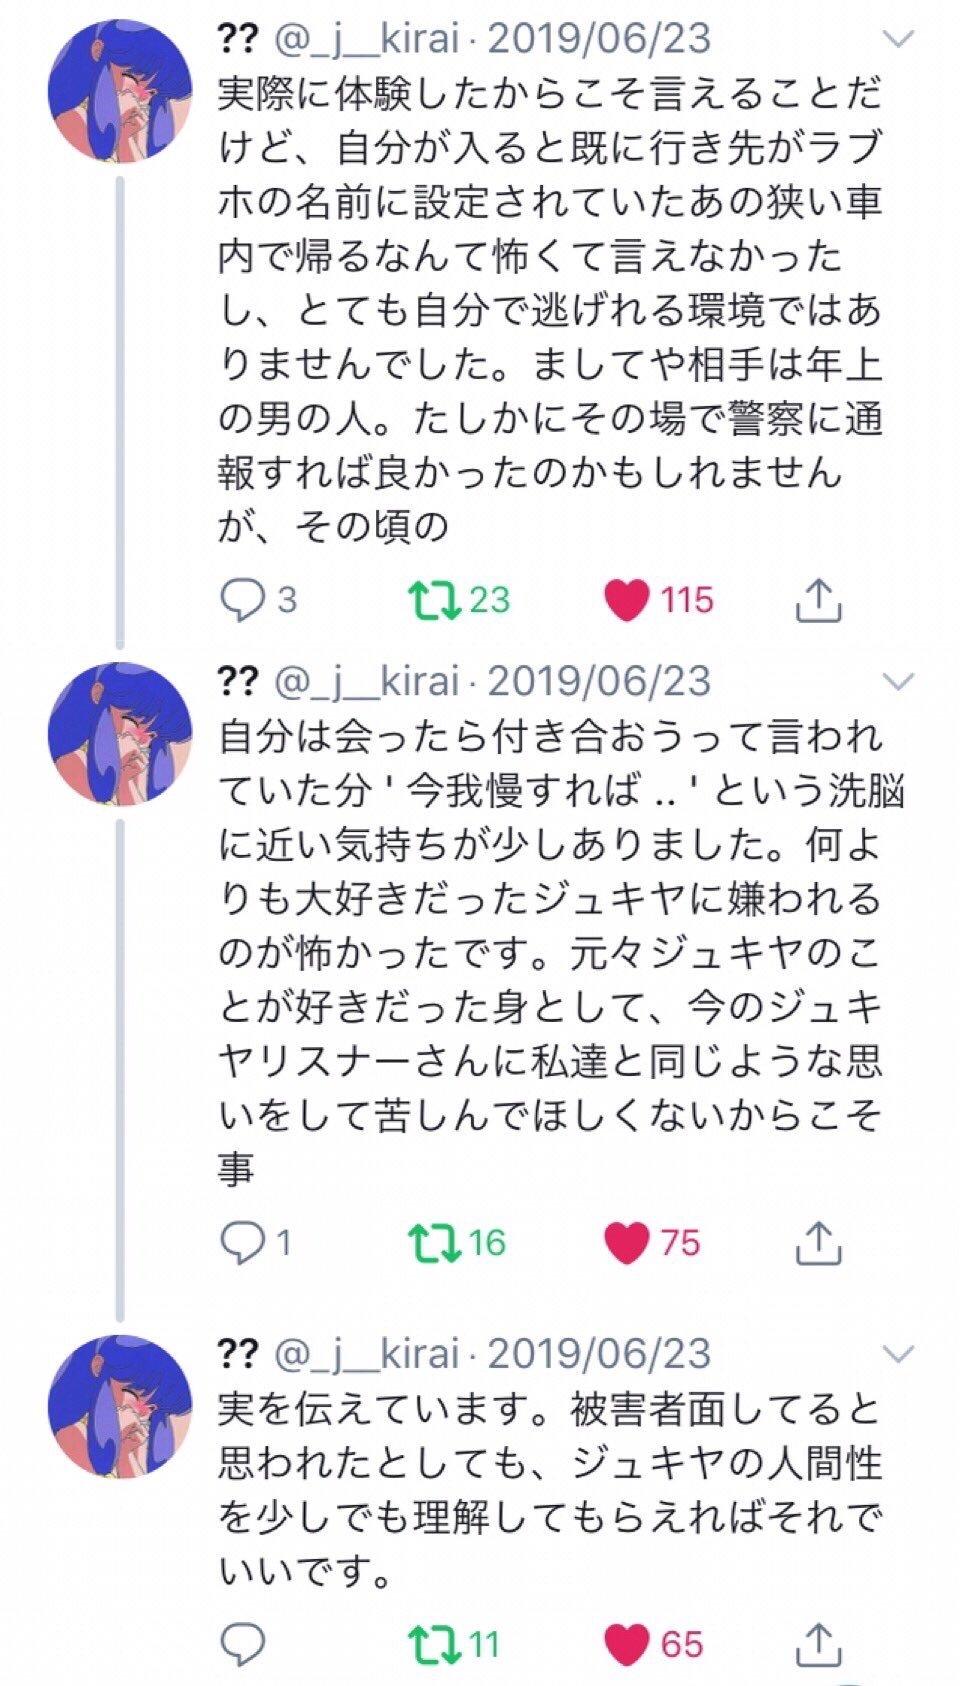 ジュキヤ 活動 休止 ジュキヤ VAZ退所を発表「マジでやべえ集団」